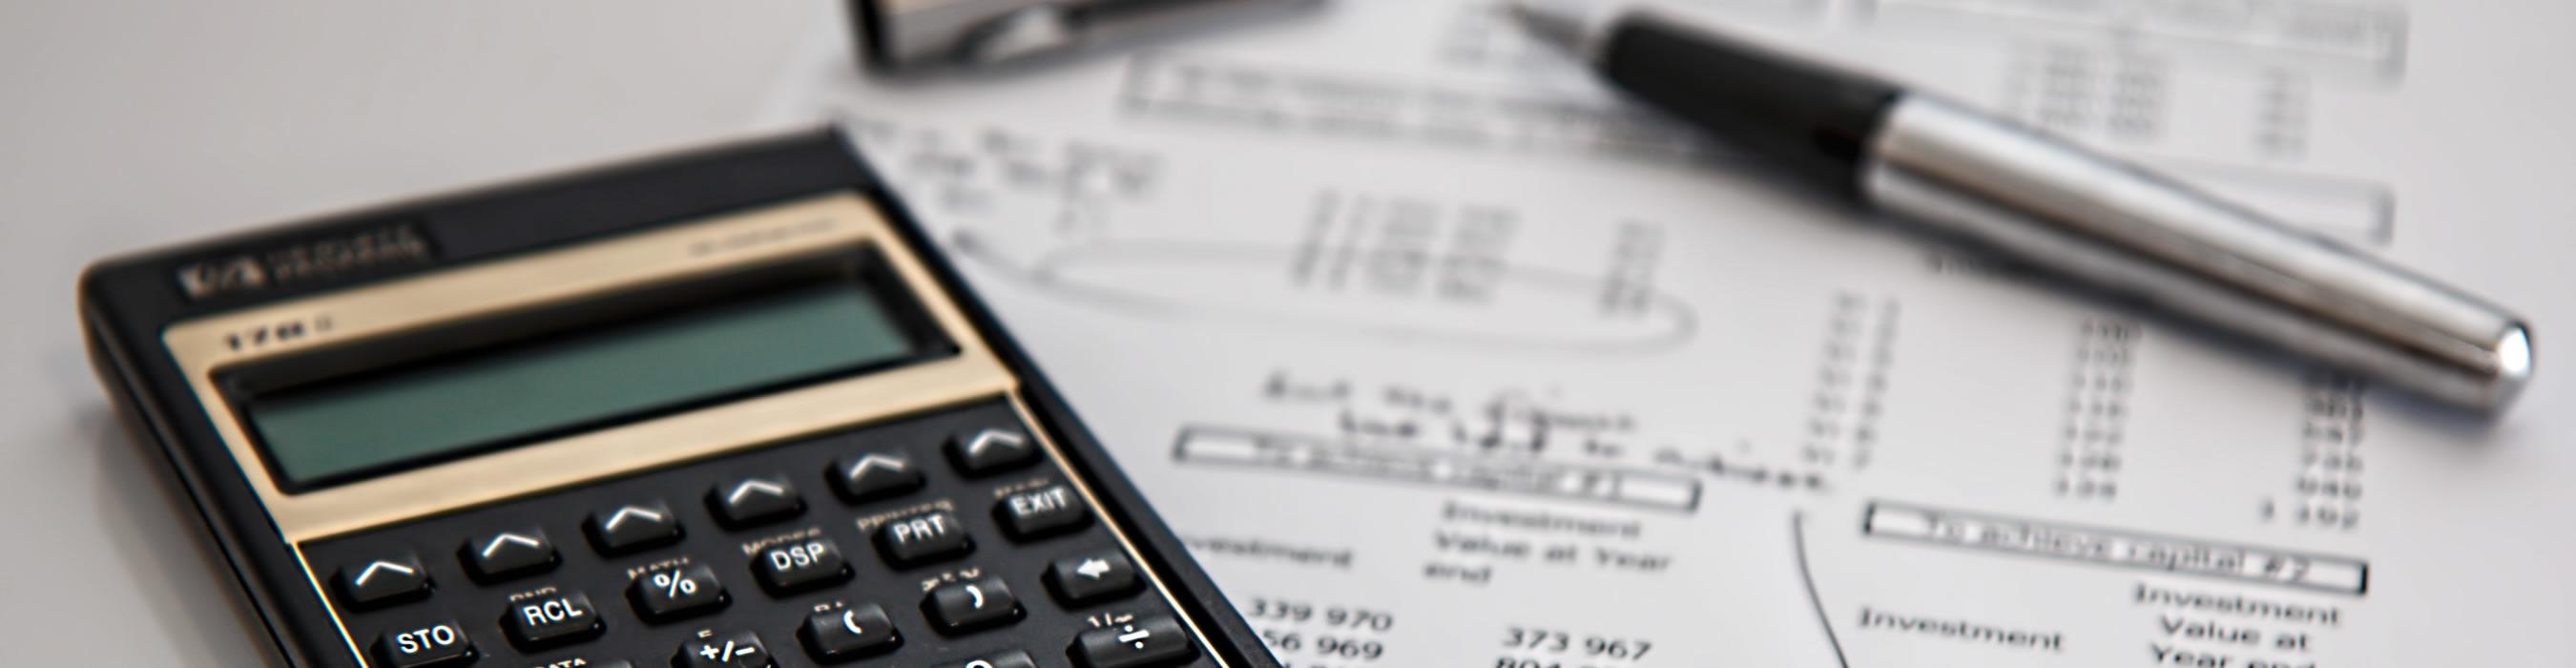 Czynności księgowo finansowe